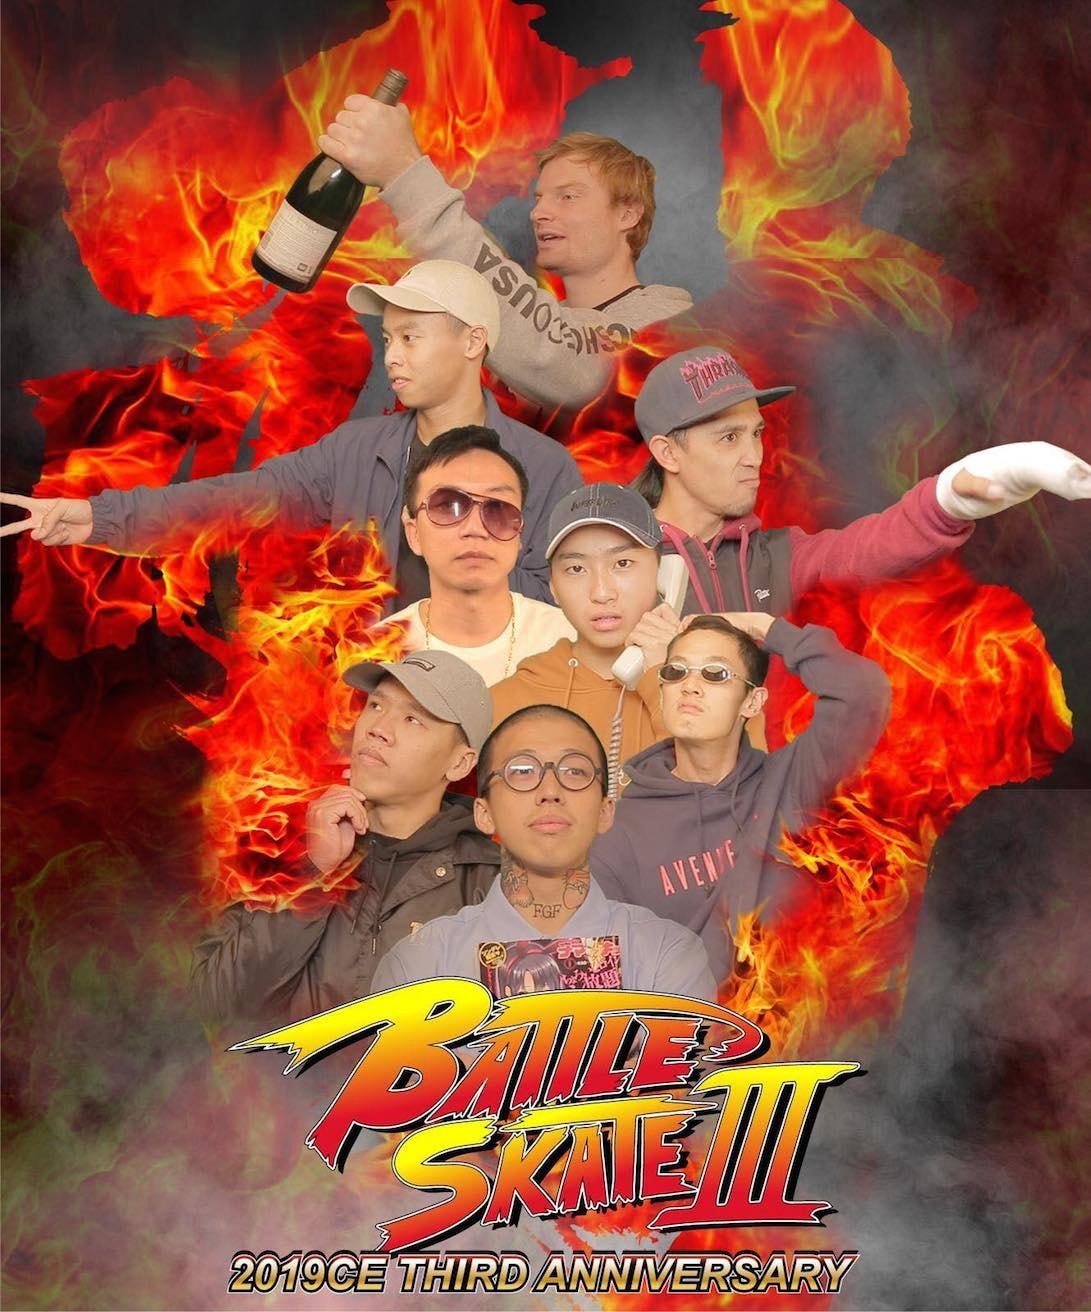 勿忘本週末!9CE「BATTLE SKATE III」賽事情報